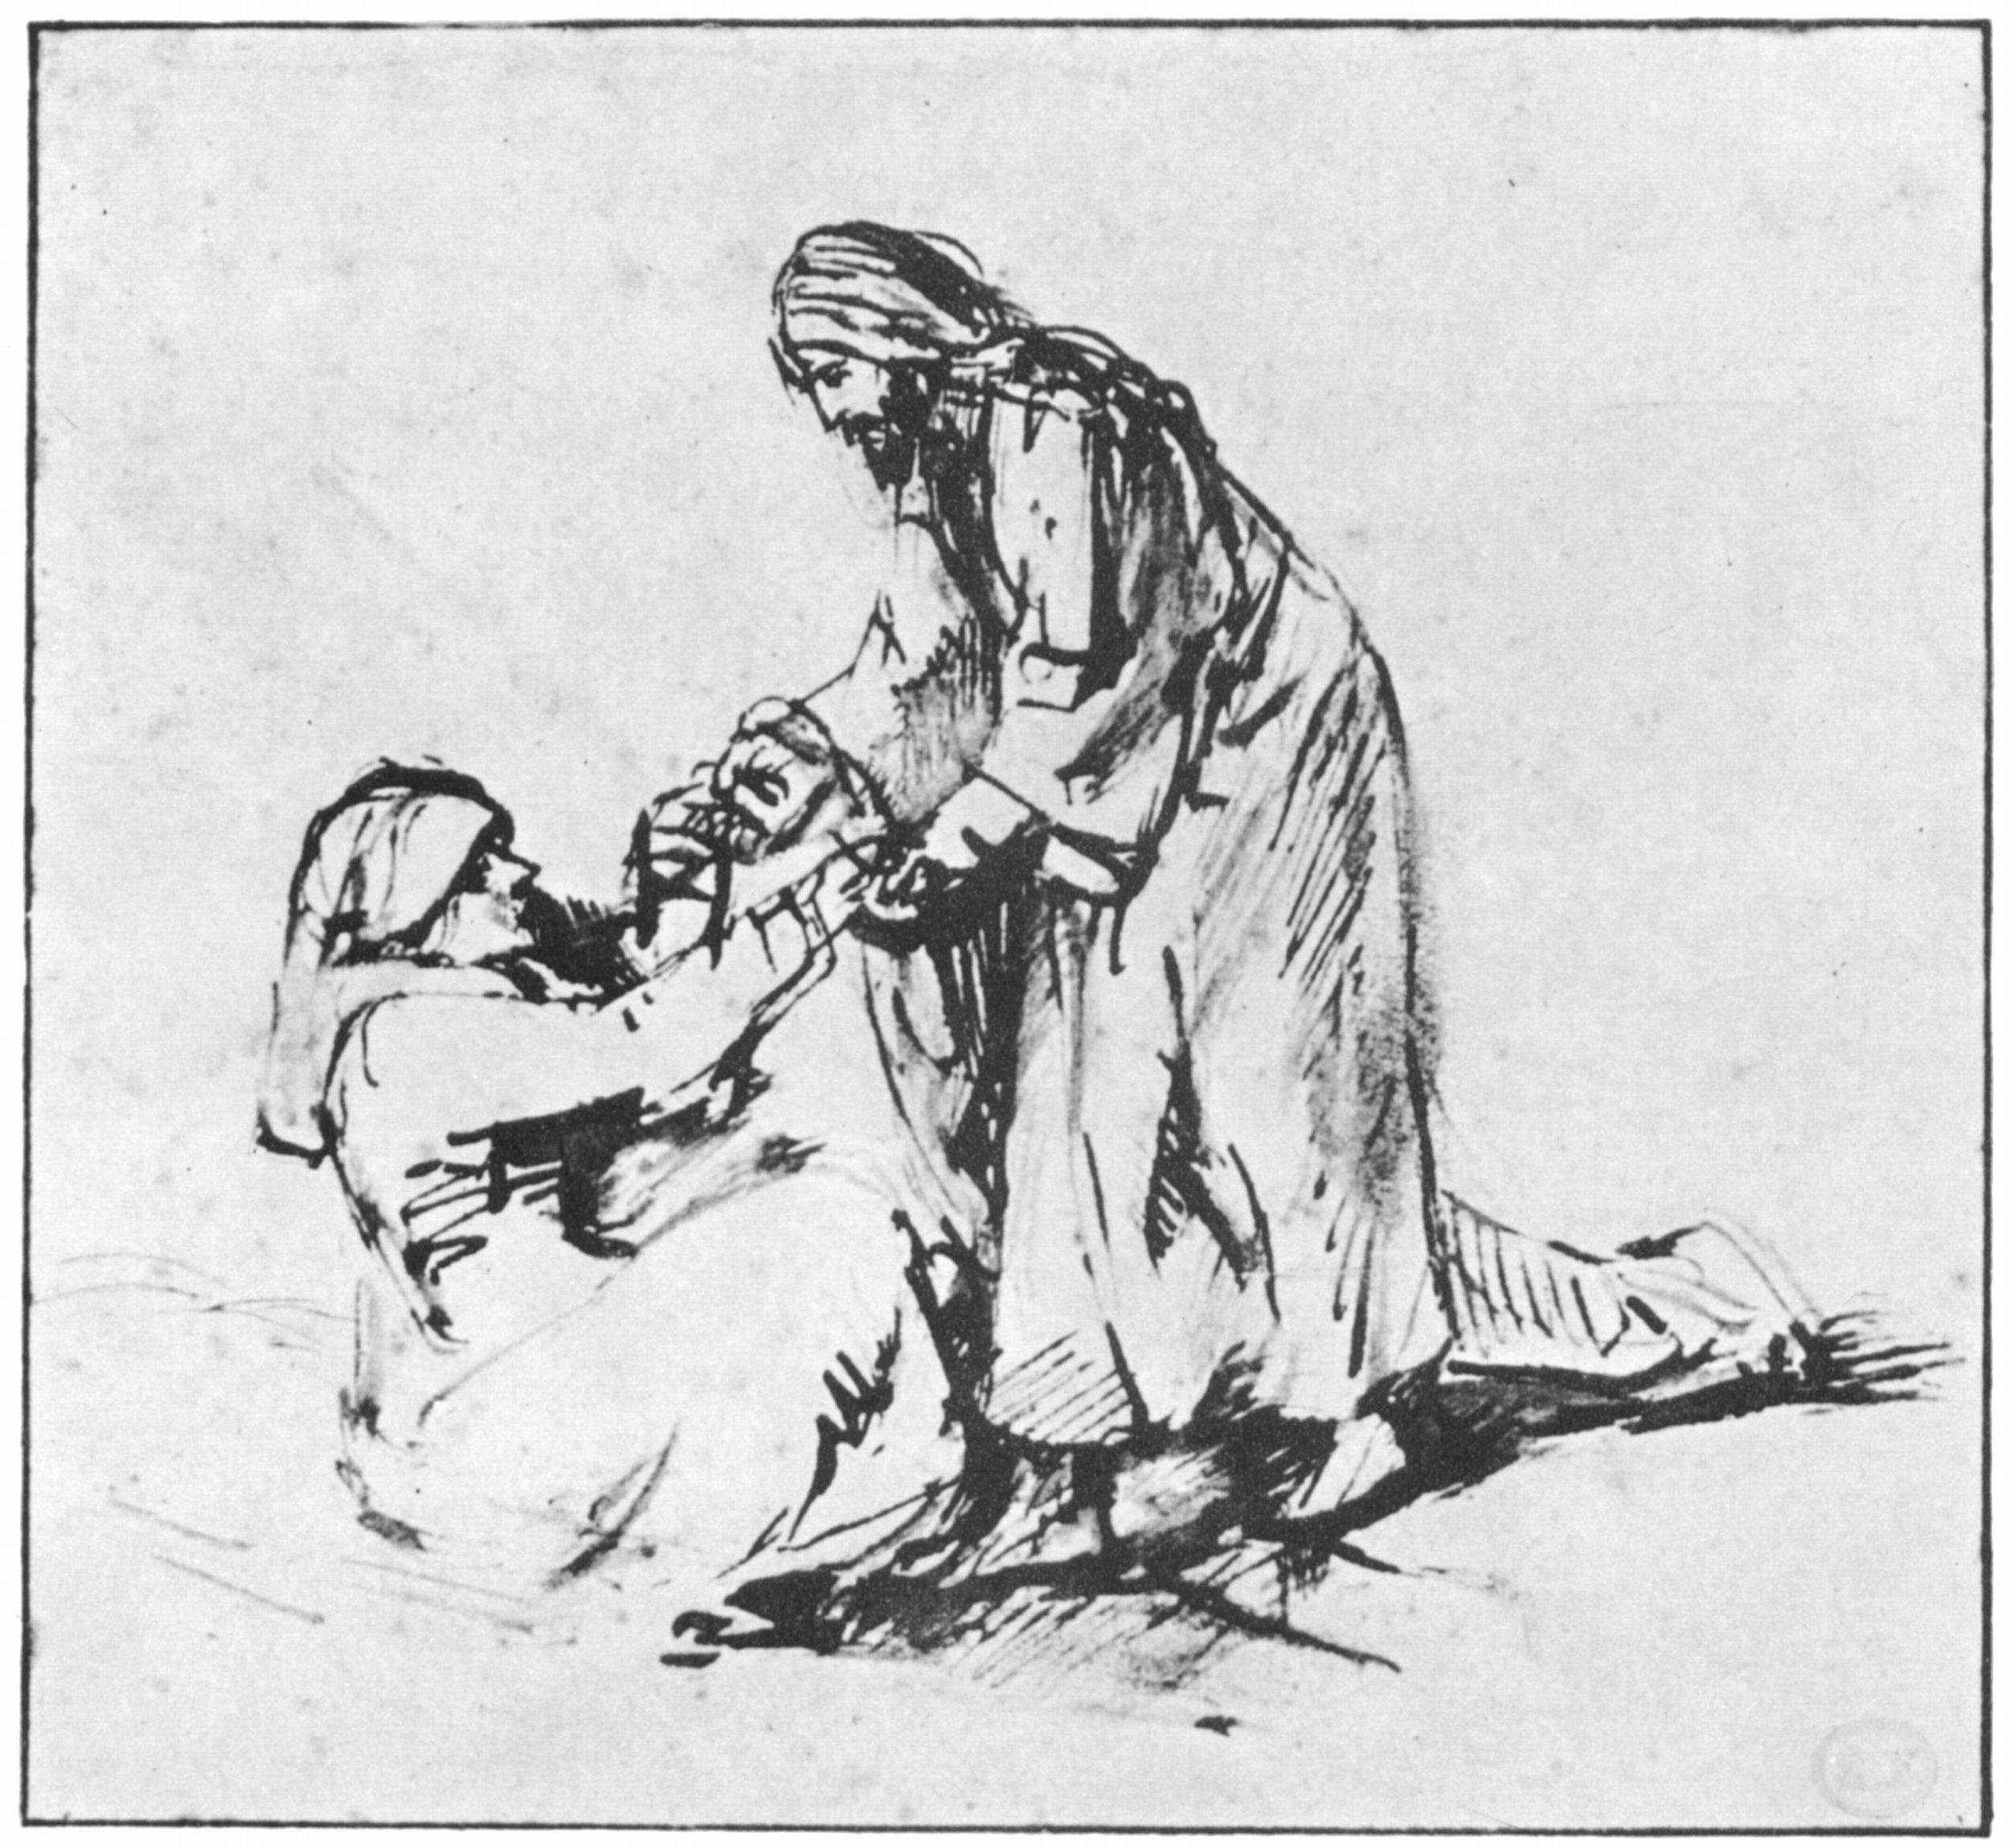 Christ Healing Peter's Mother-in-law, Rembrandt Harmenszoon van Rijn, 1606-1669 ( source )